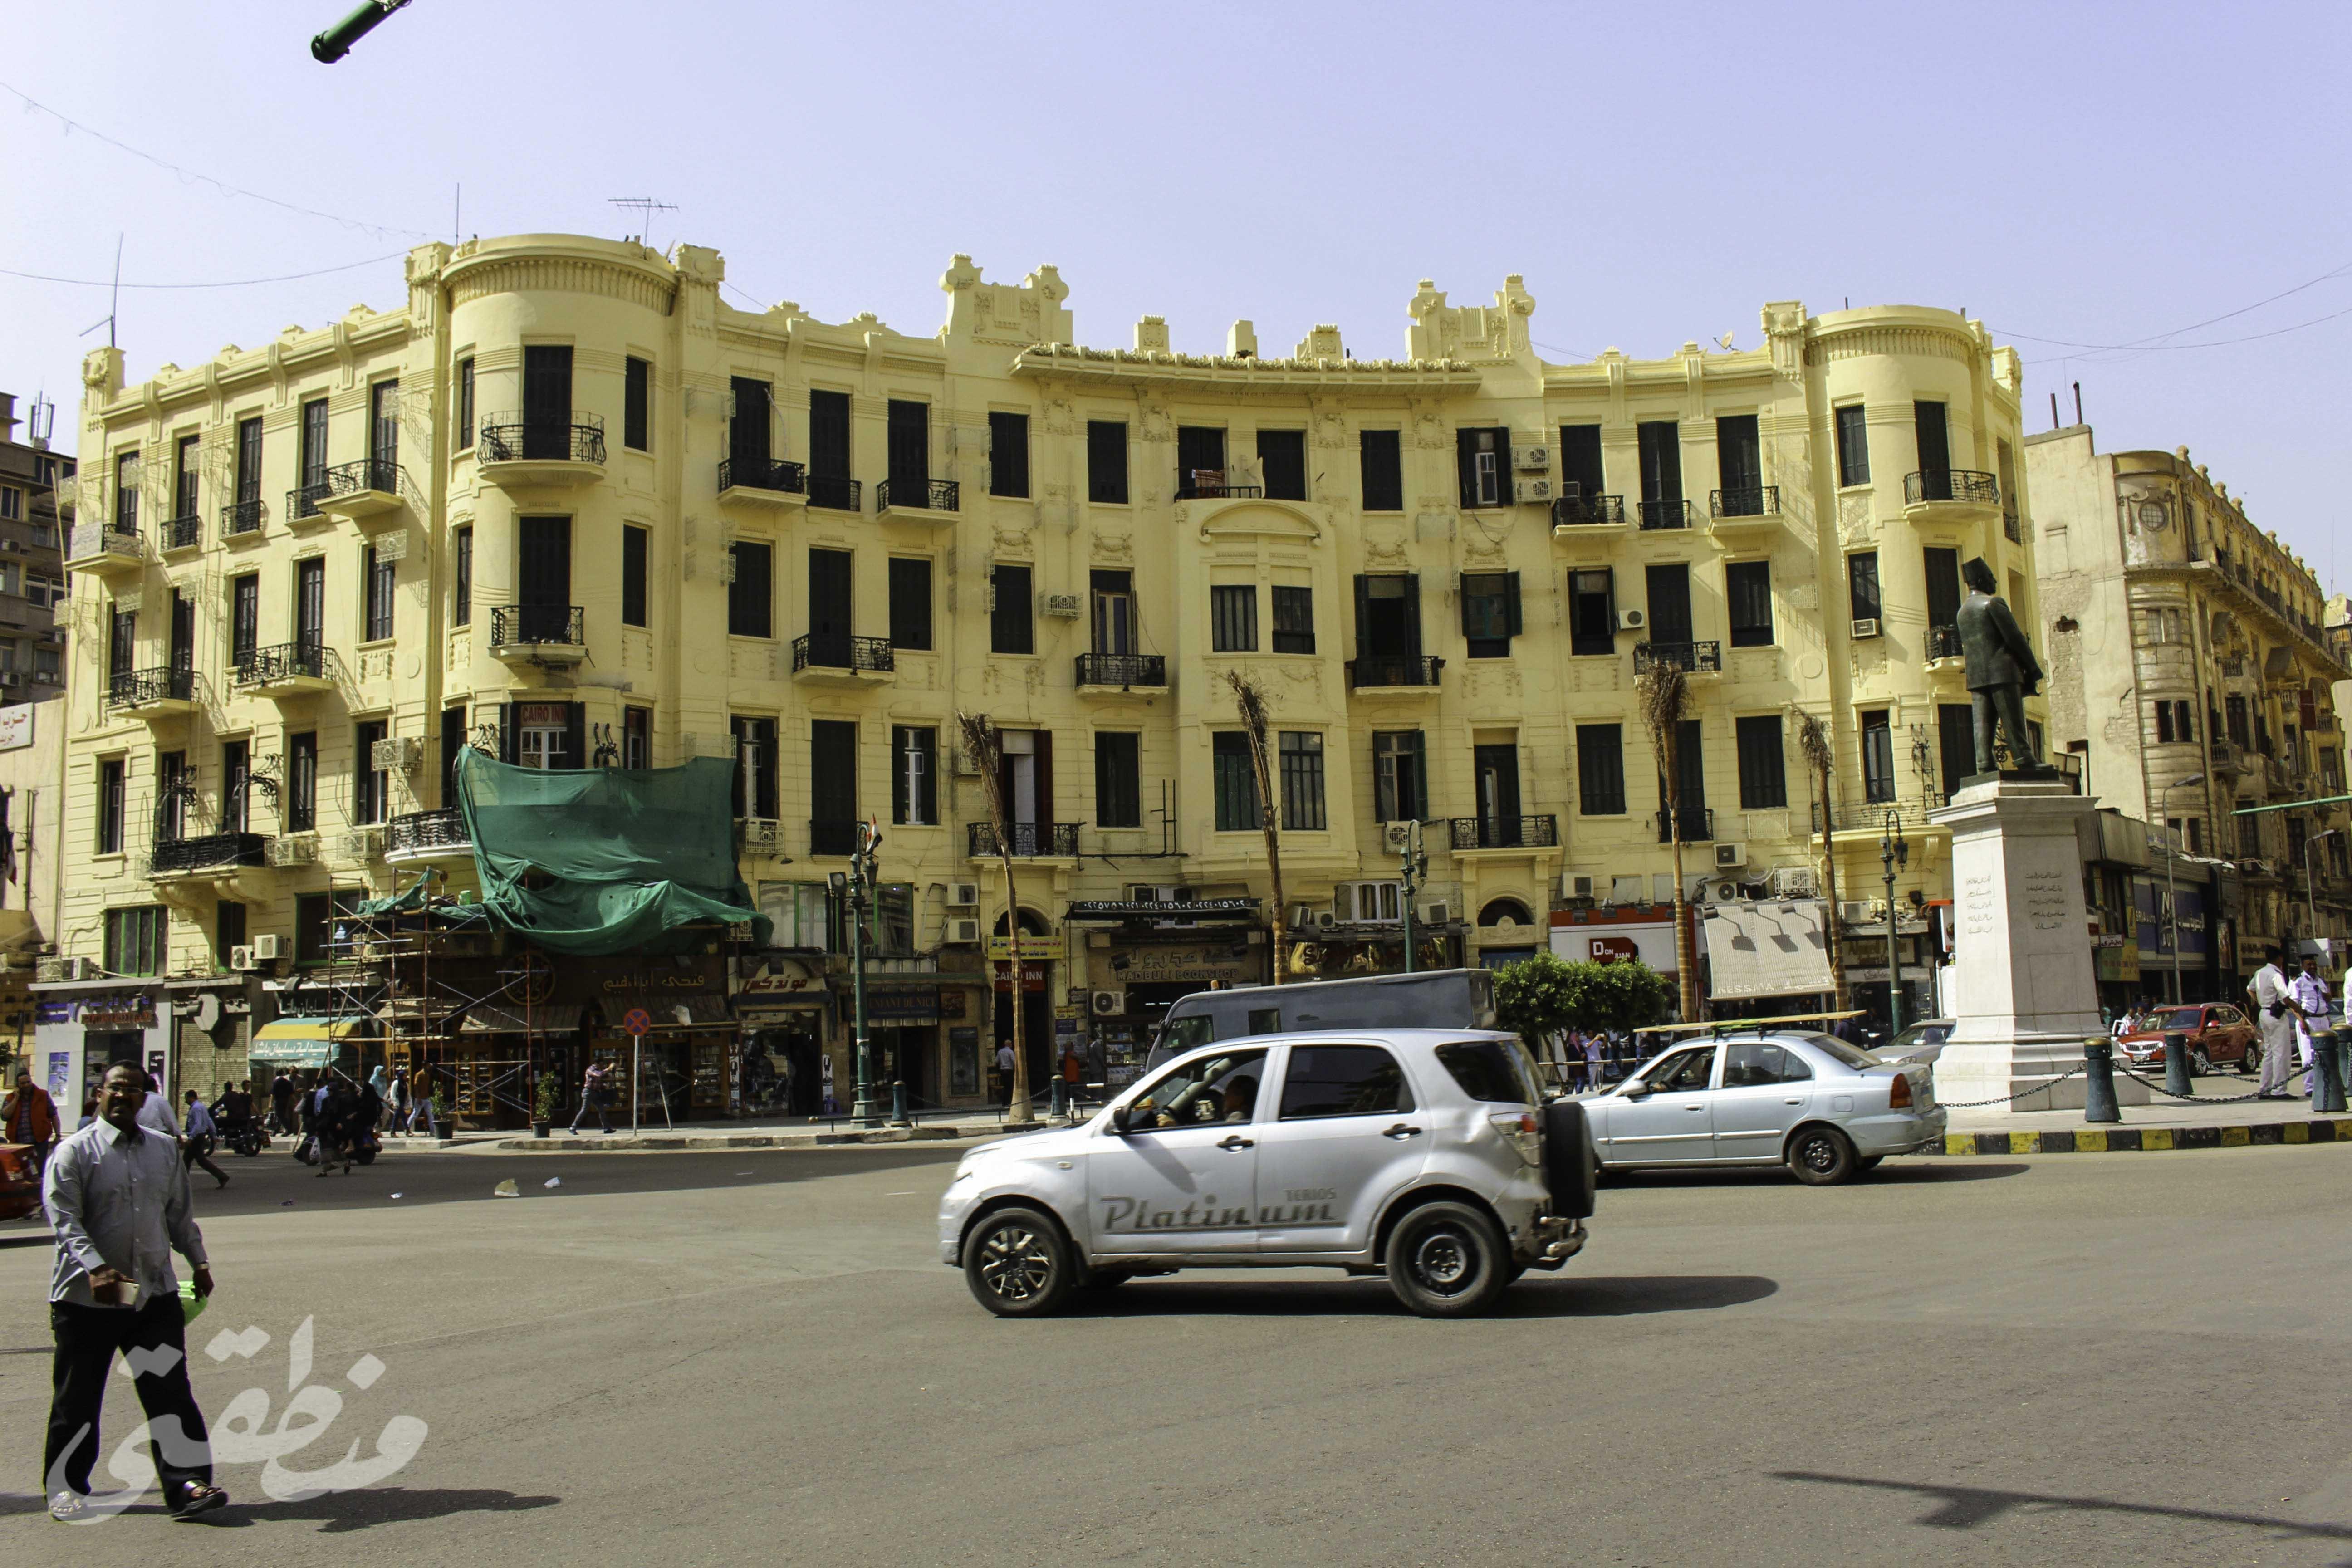 عمارات نصف دائرية بميدان طلعت حرب - تصوير صديق البخشونجي